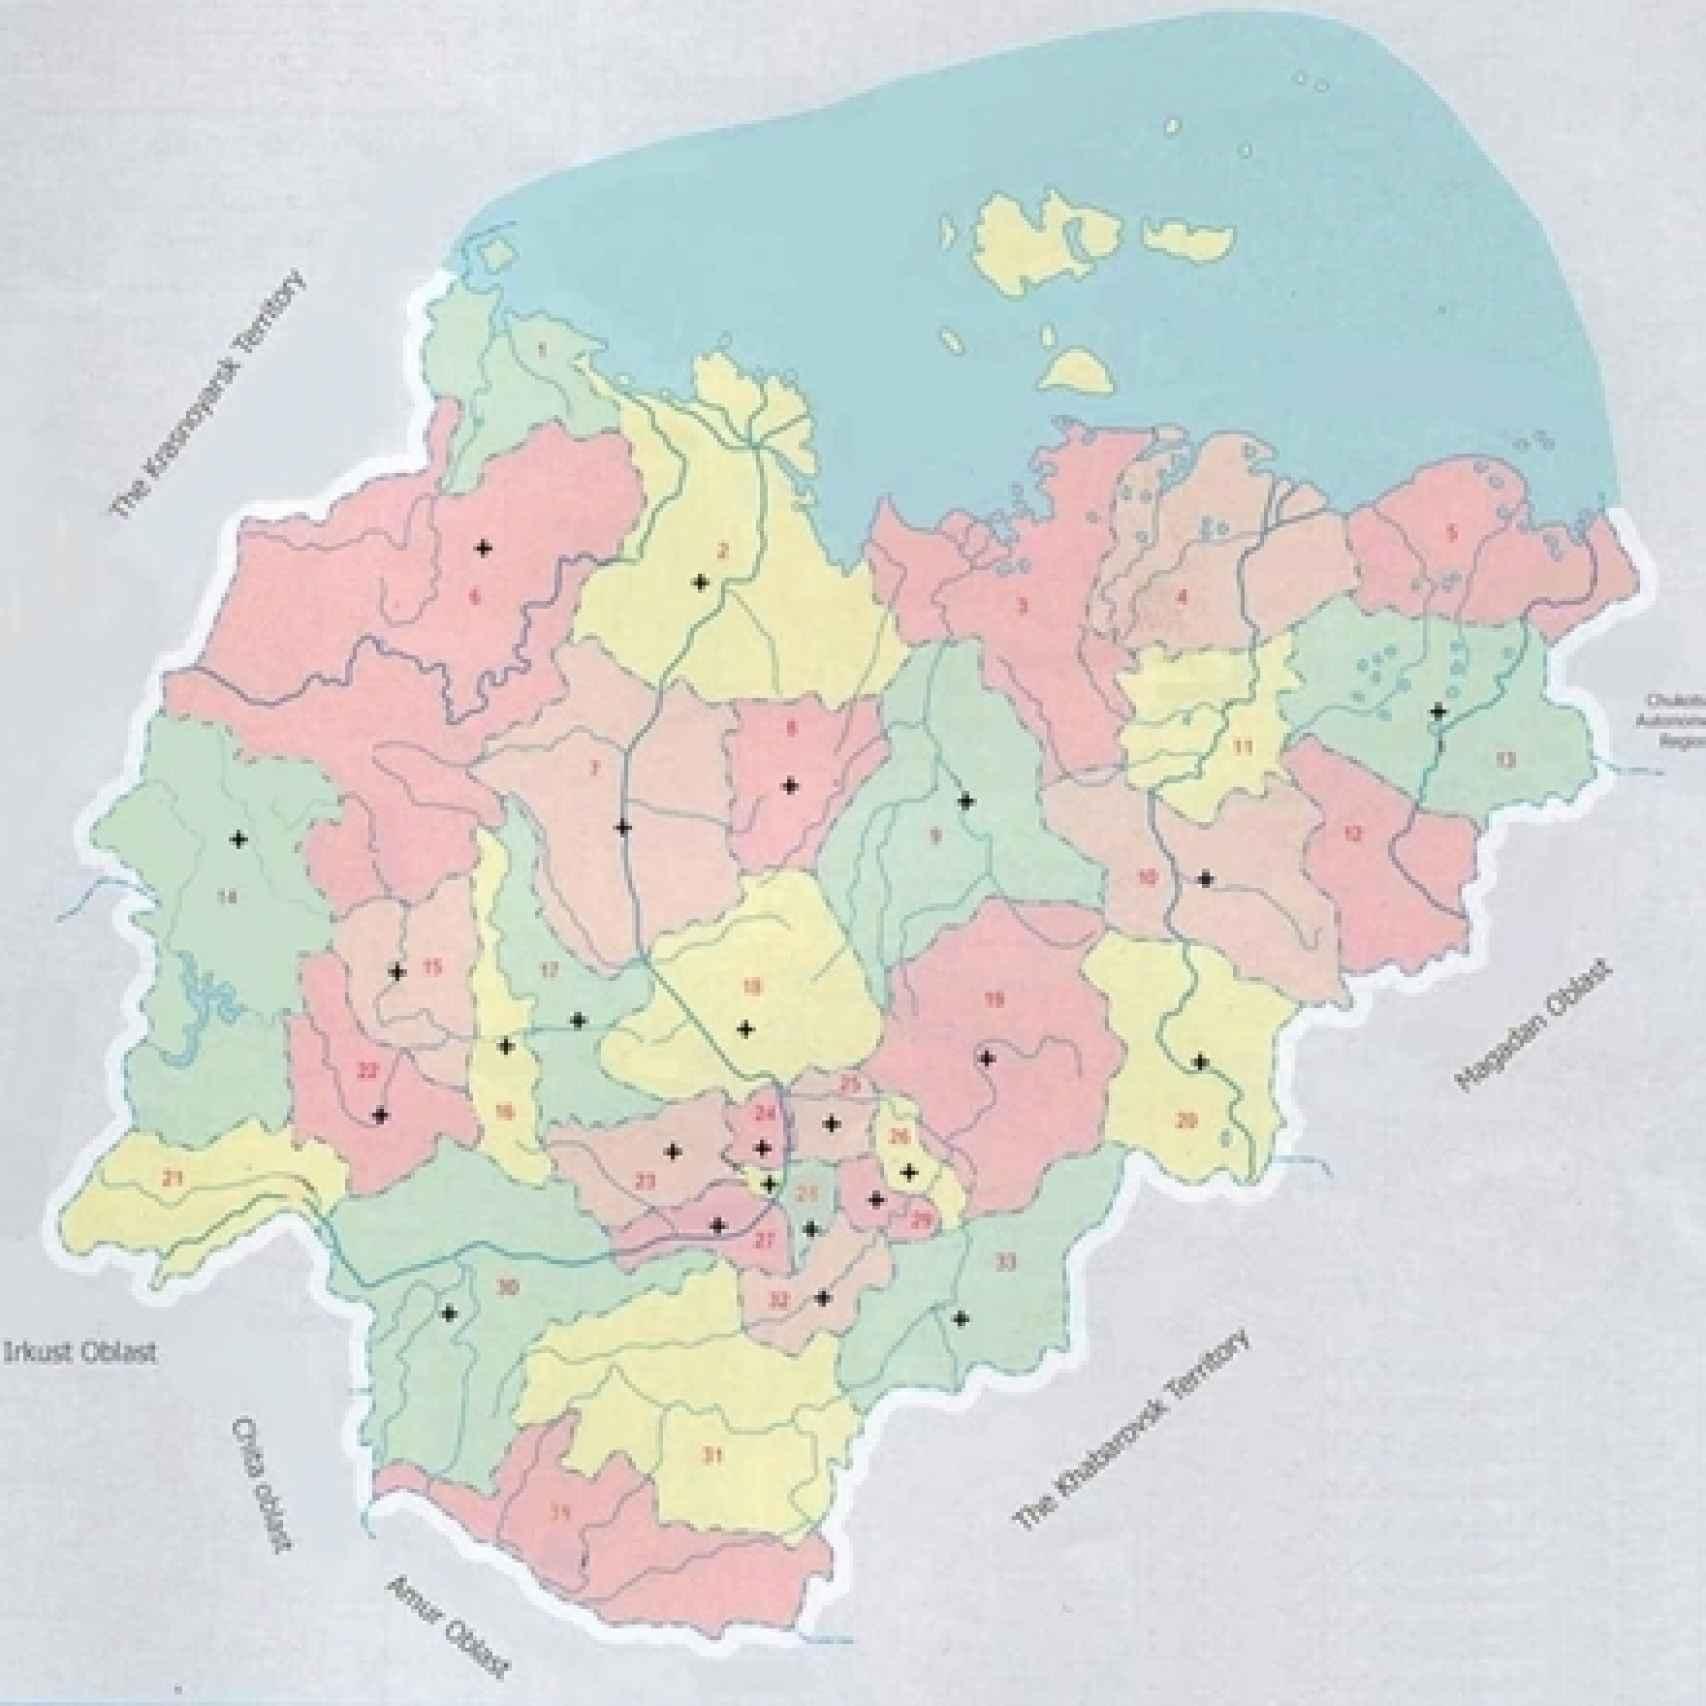 En rojo, zonas de Yakutsk que han registrado aumento de las temperaturas.